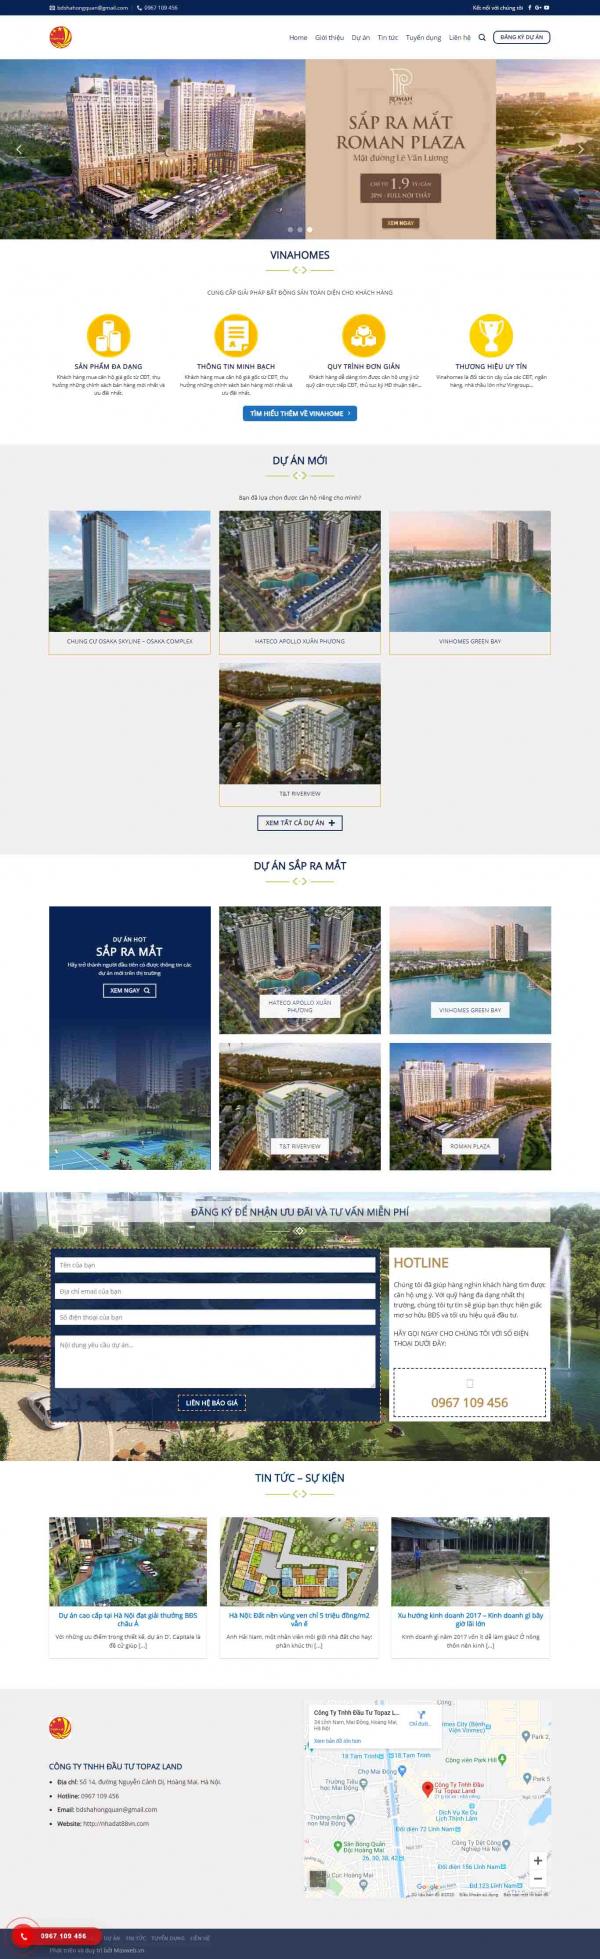 Mẫu giao diện thiết kế website landing page nhà đất